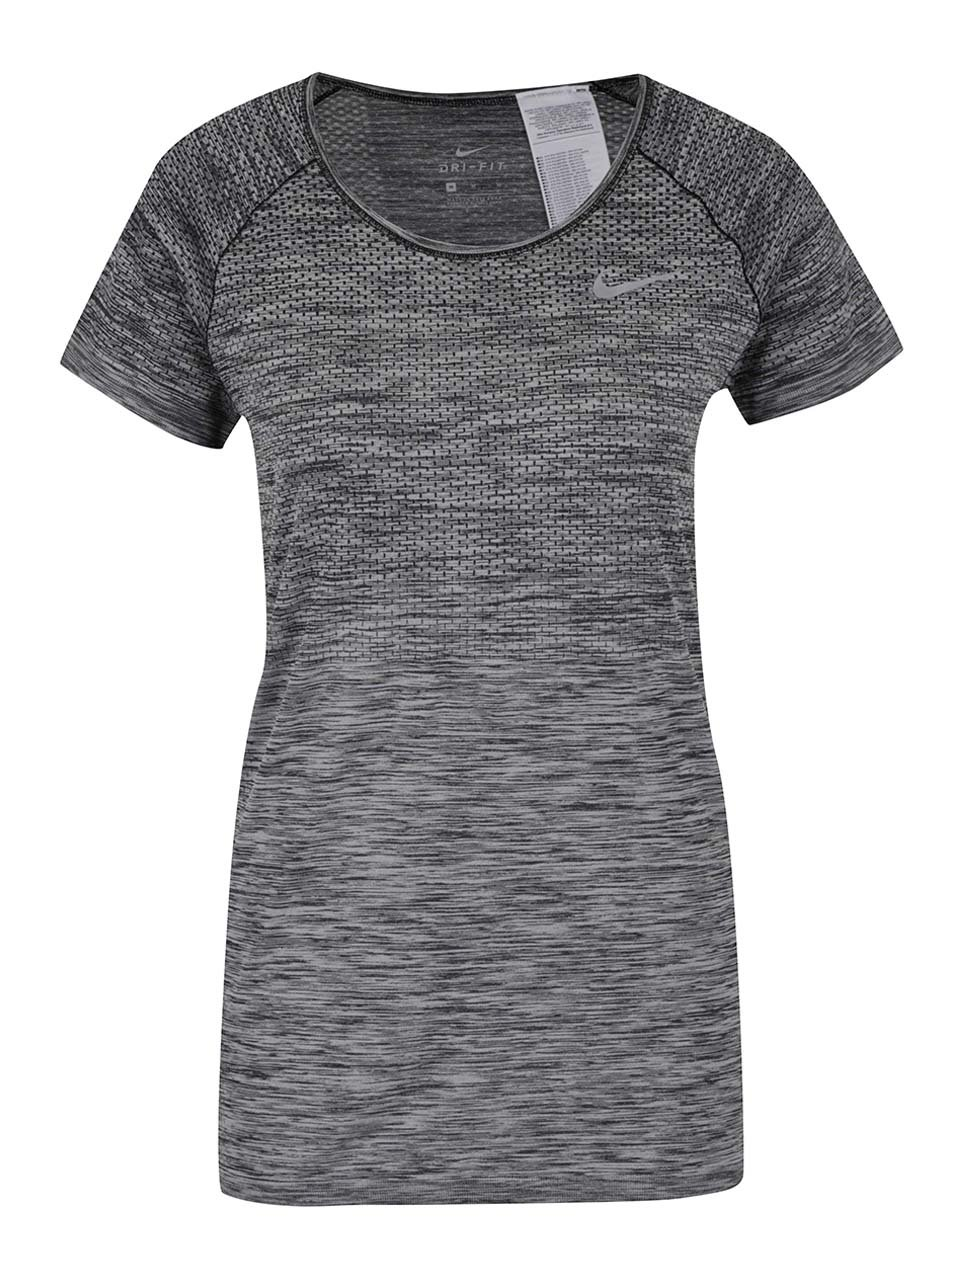 Sivé dámske melírované funkčné tričko s krátkym rukávom Nike ... 4300da00667